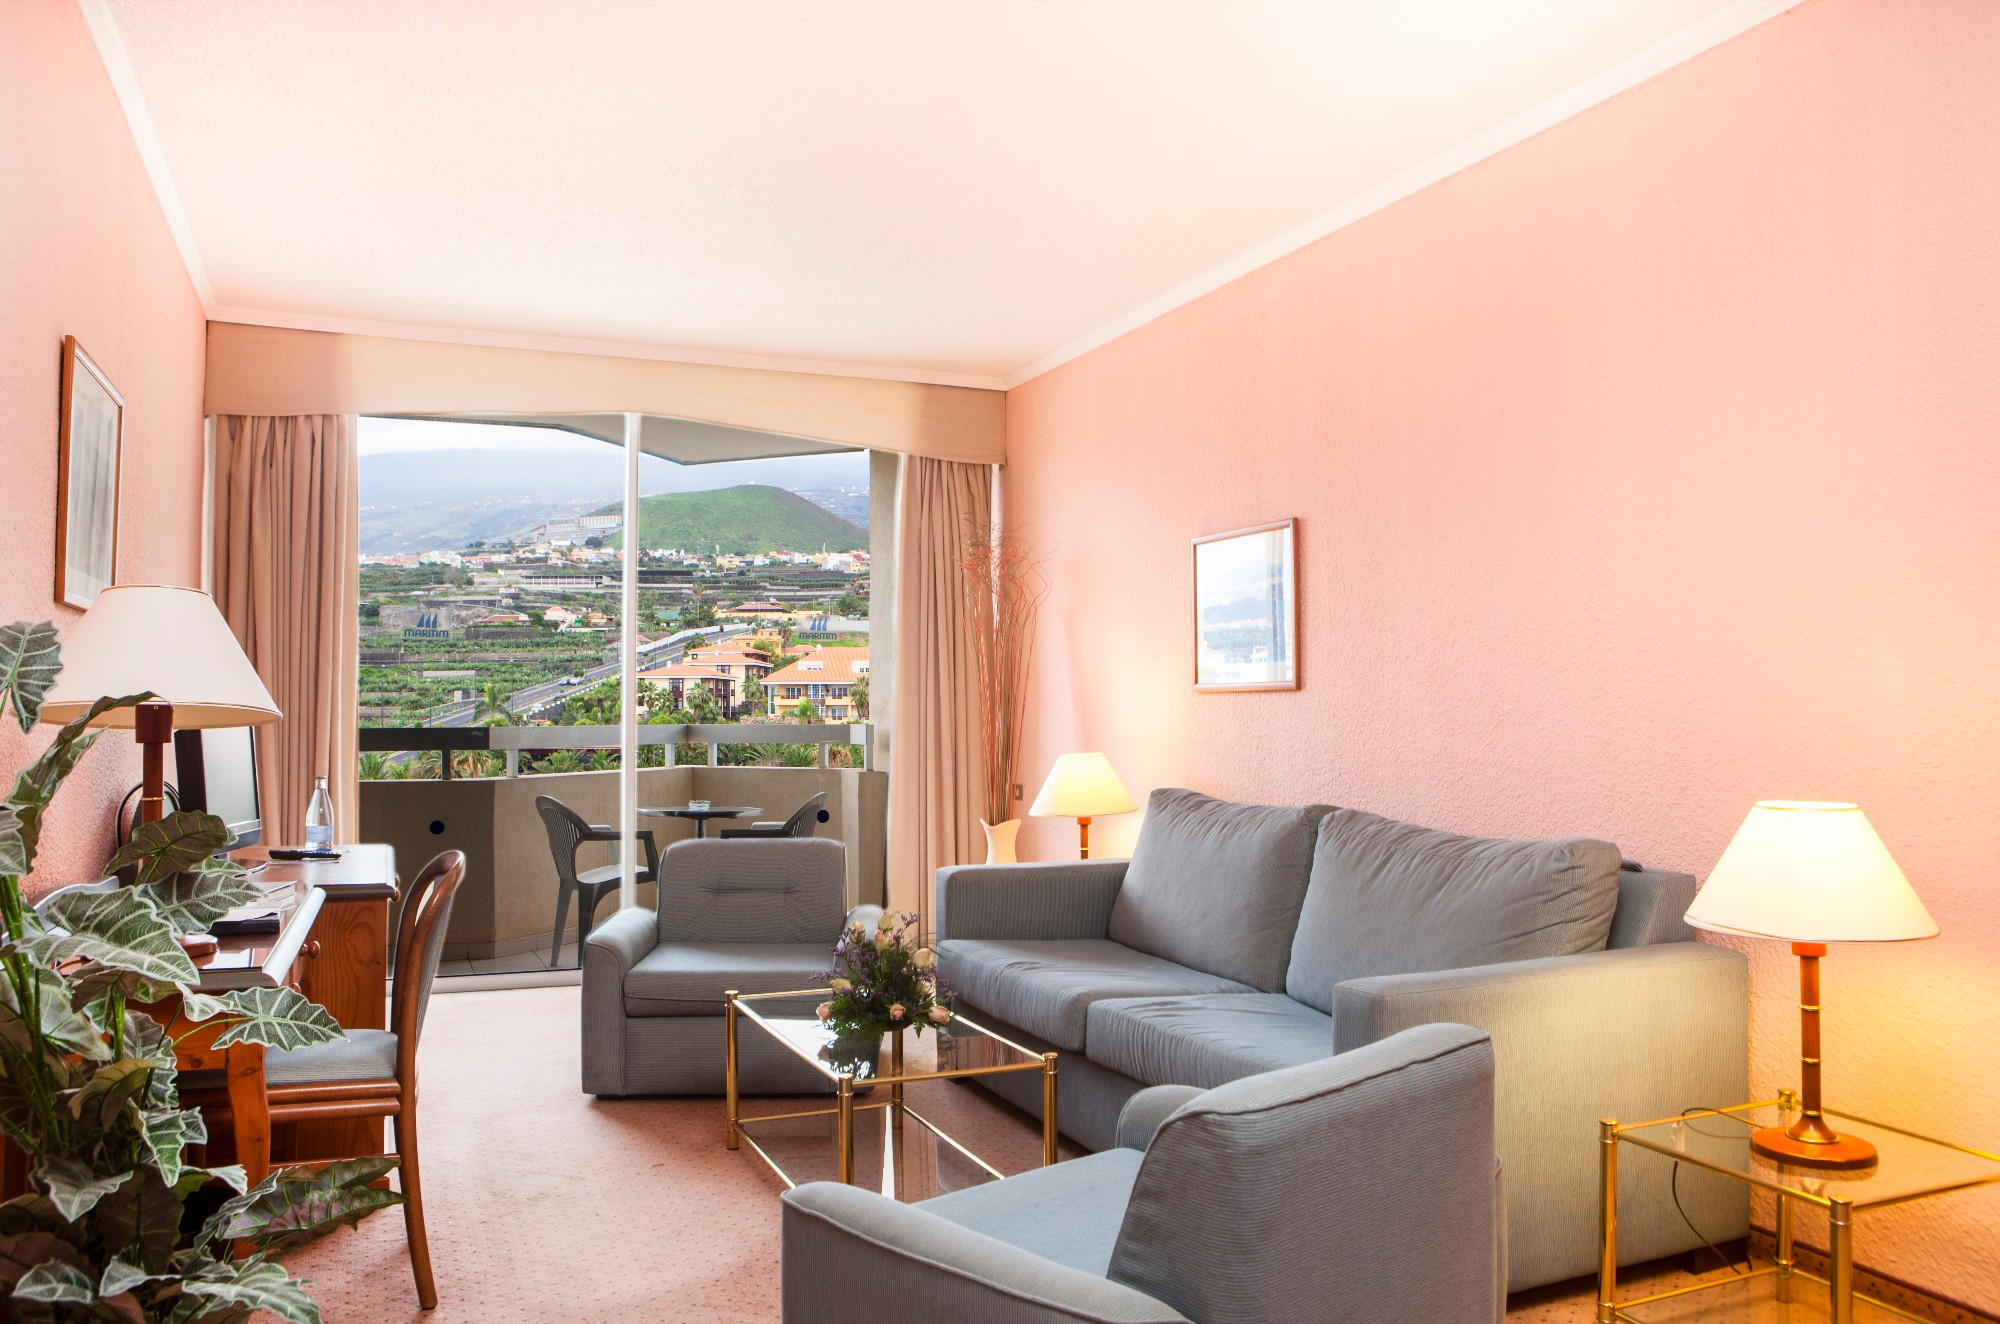 Wohnzimmer Gartenblick Ferienwohnung Hotel Maritim